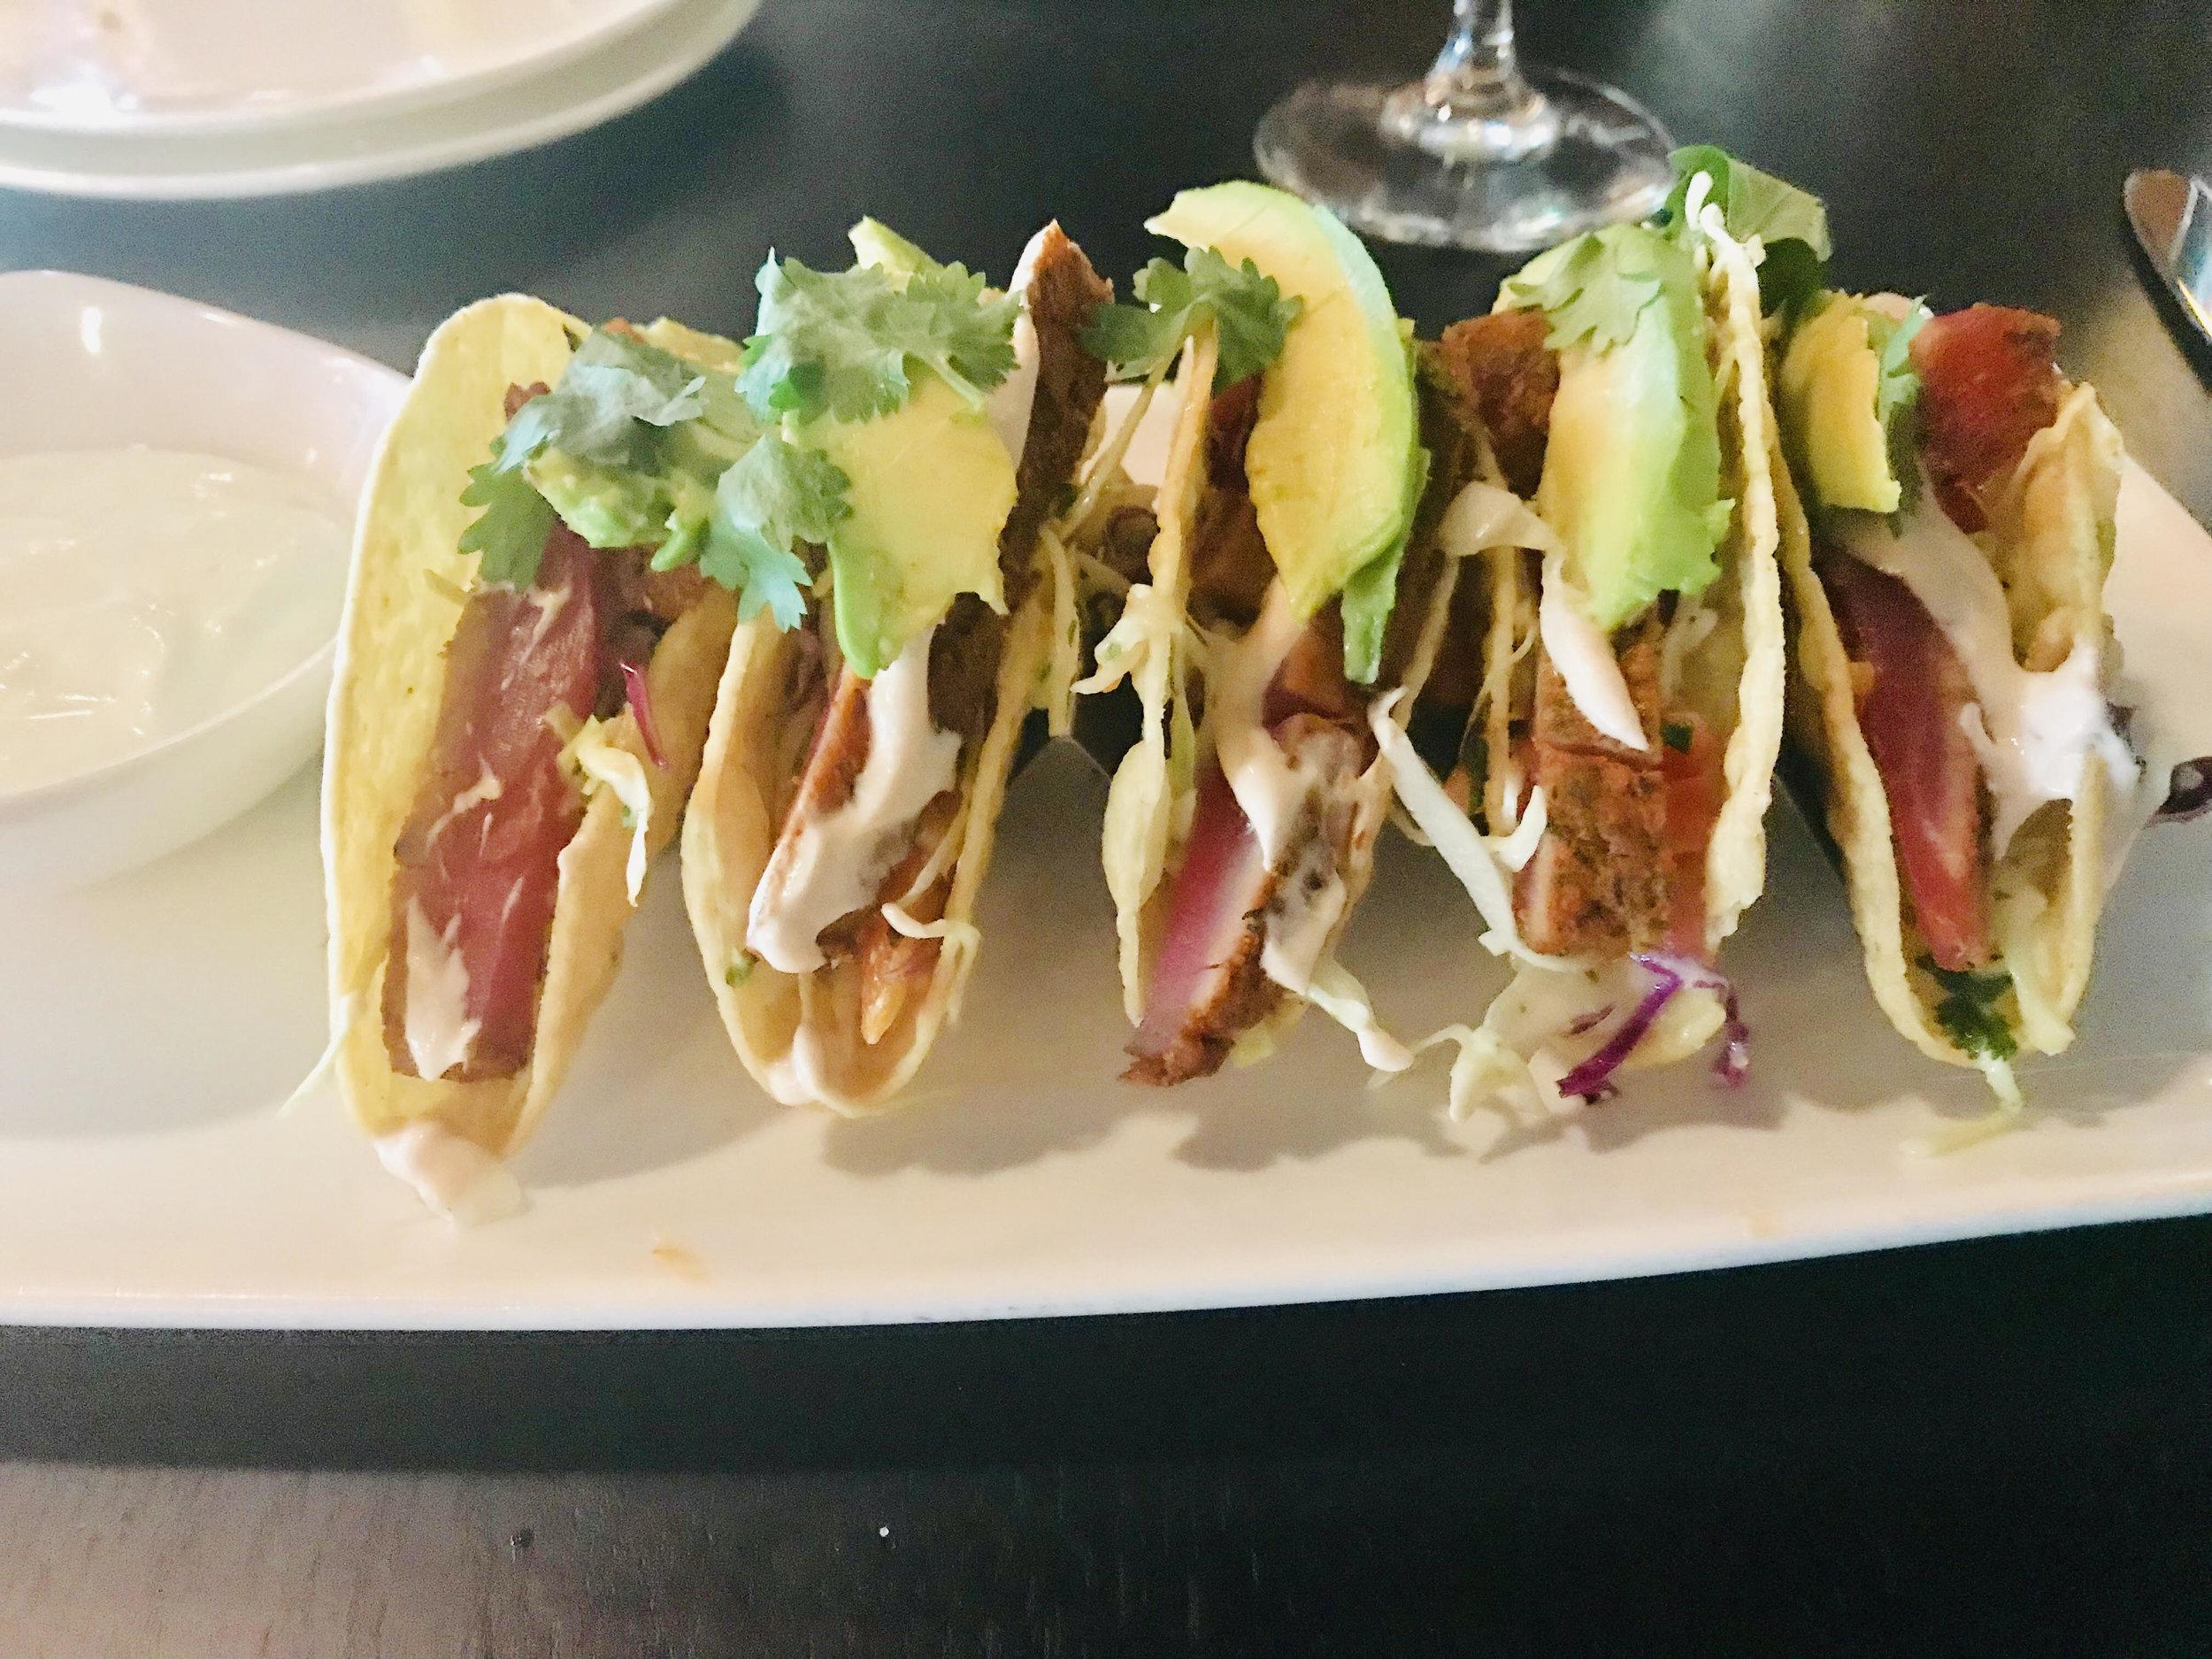 coopers hawk tacos.jpg